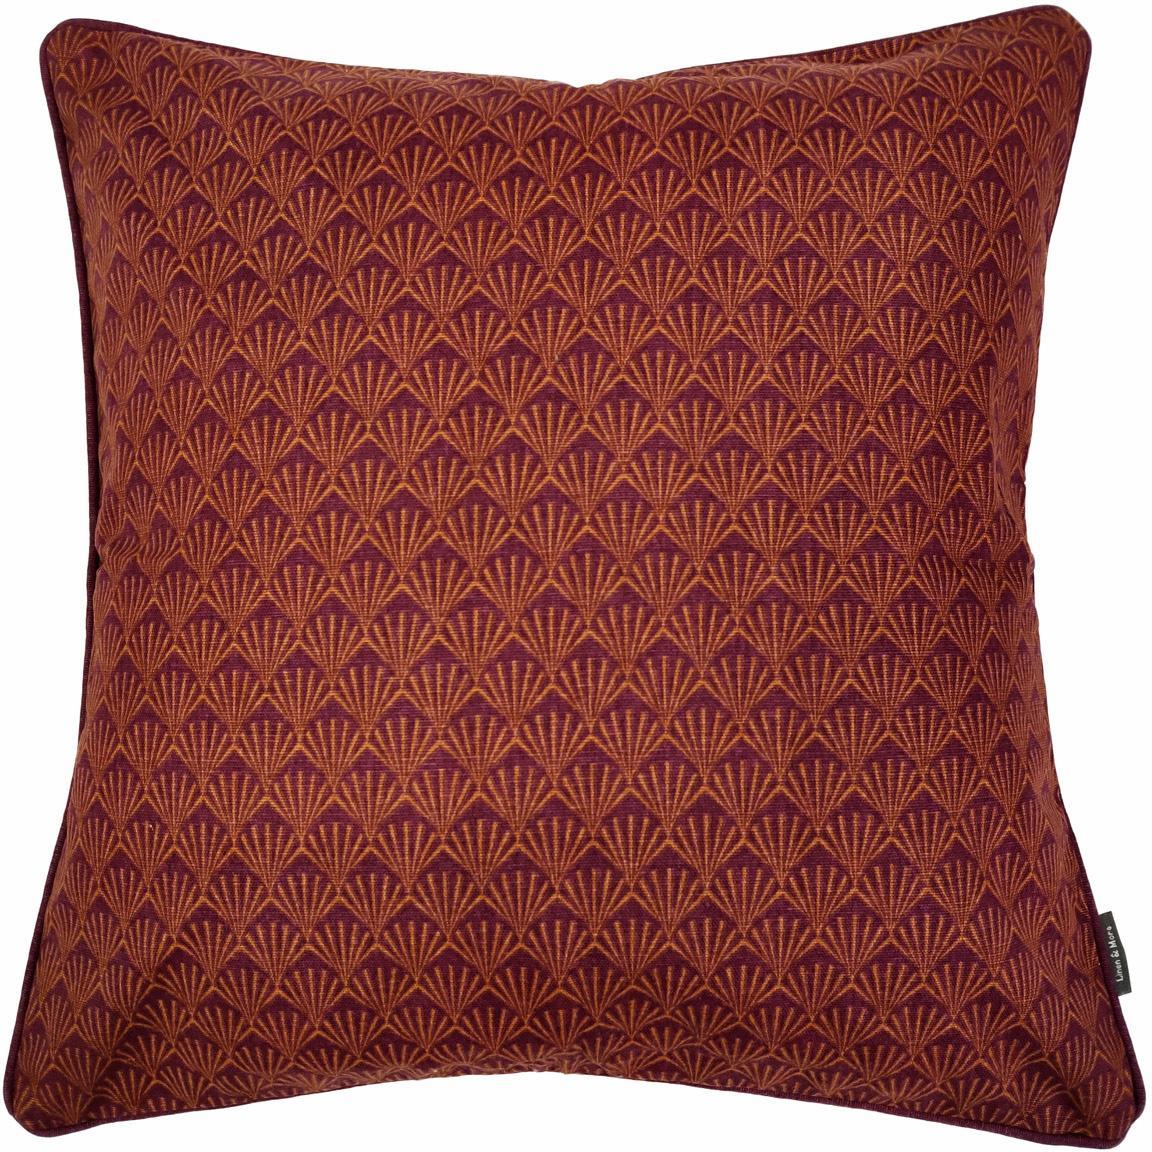 Kussen Feather met Artdeco patroon, met vulling, Bordeauxrood, oranje, 45 x 45 cm